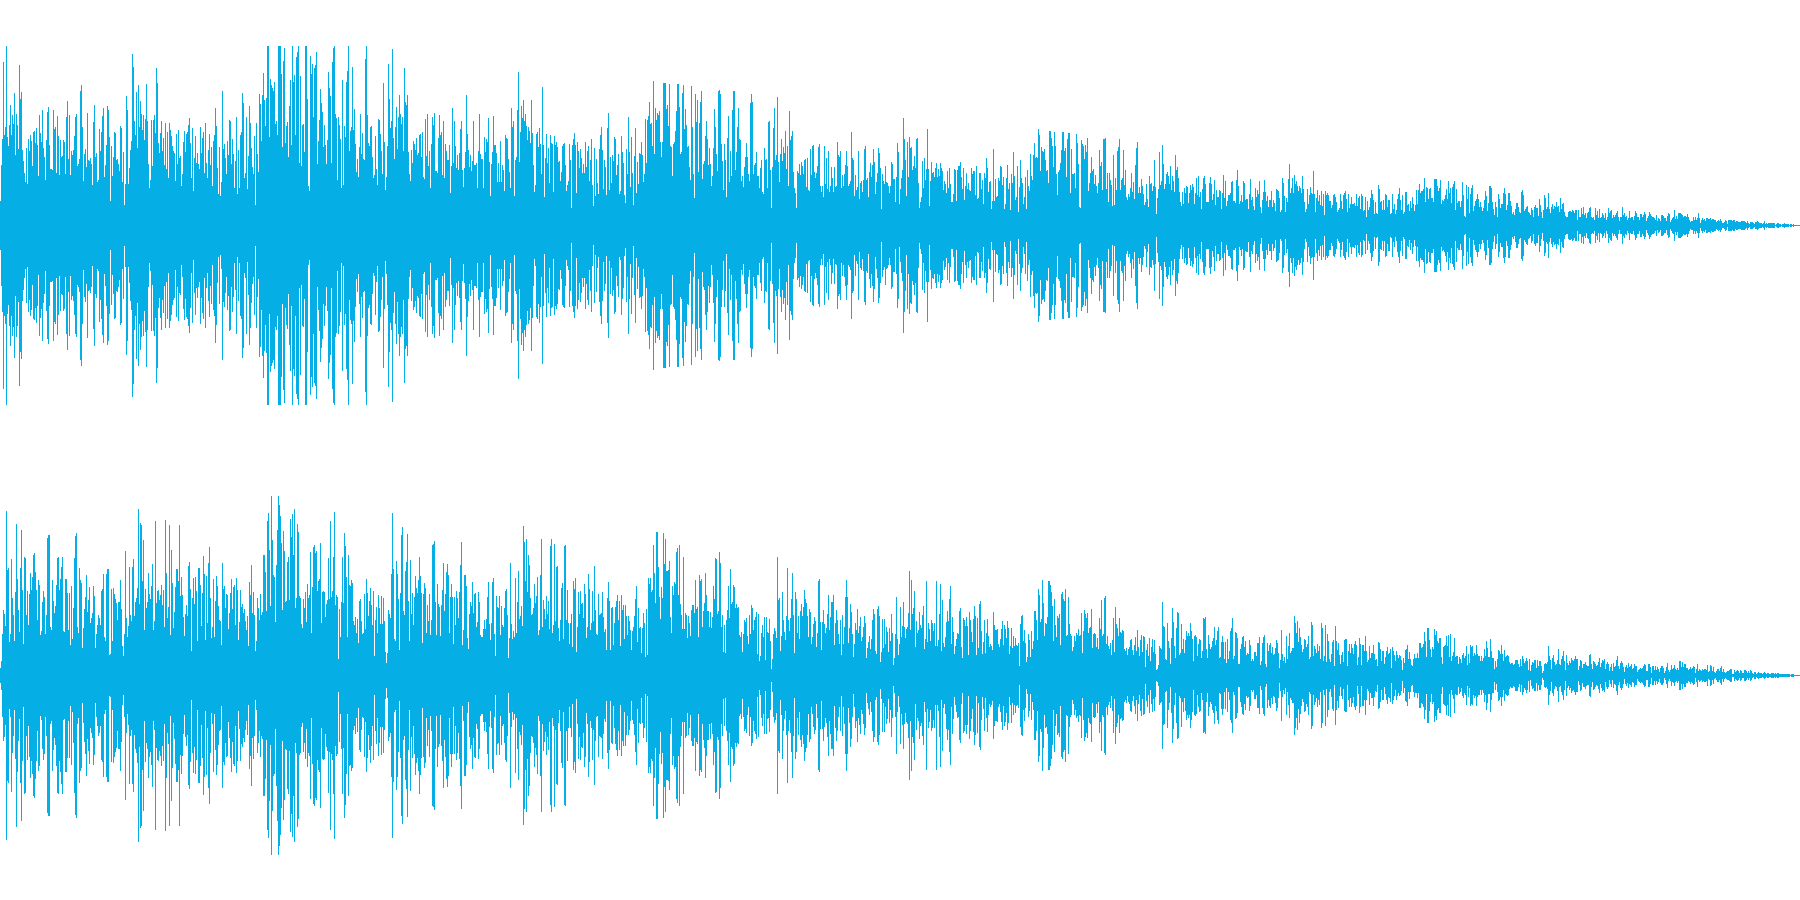 ピロロピロロ(ルーレット スロット)の再生済みの波形